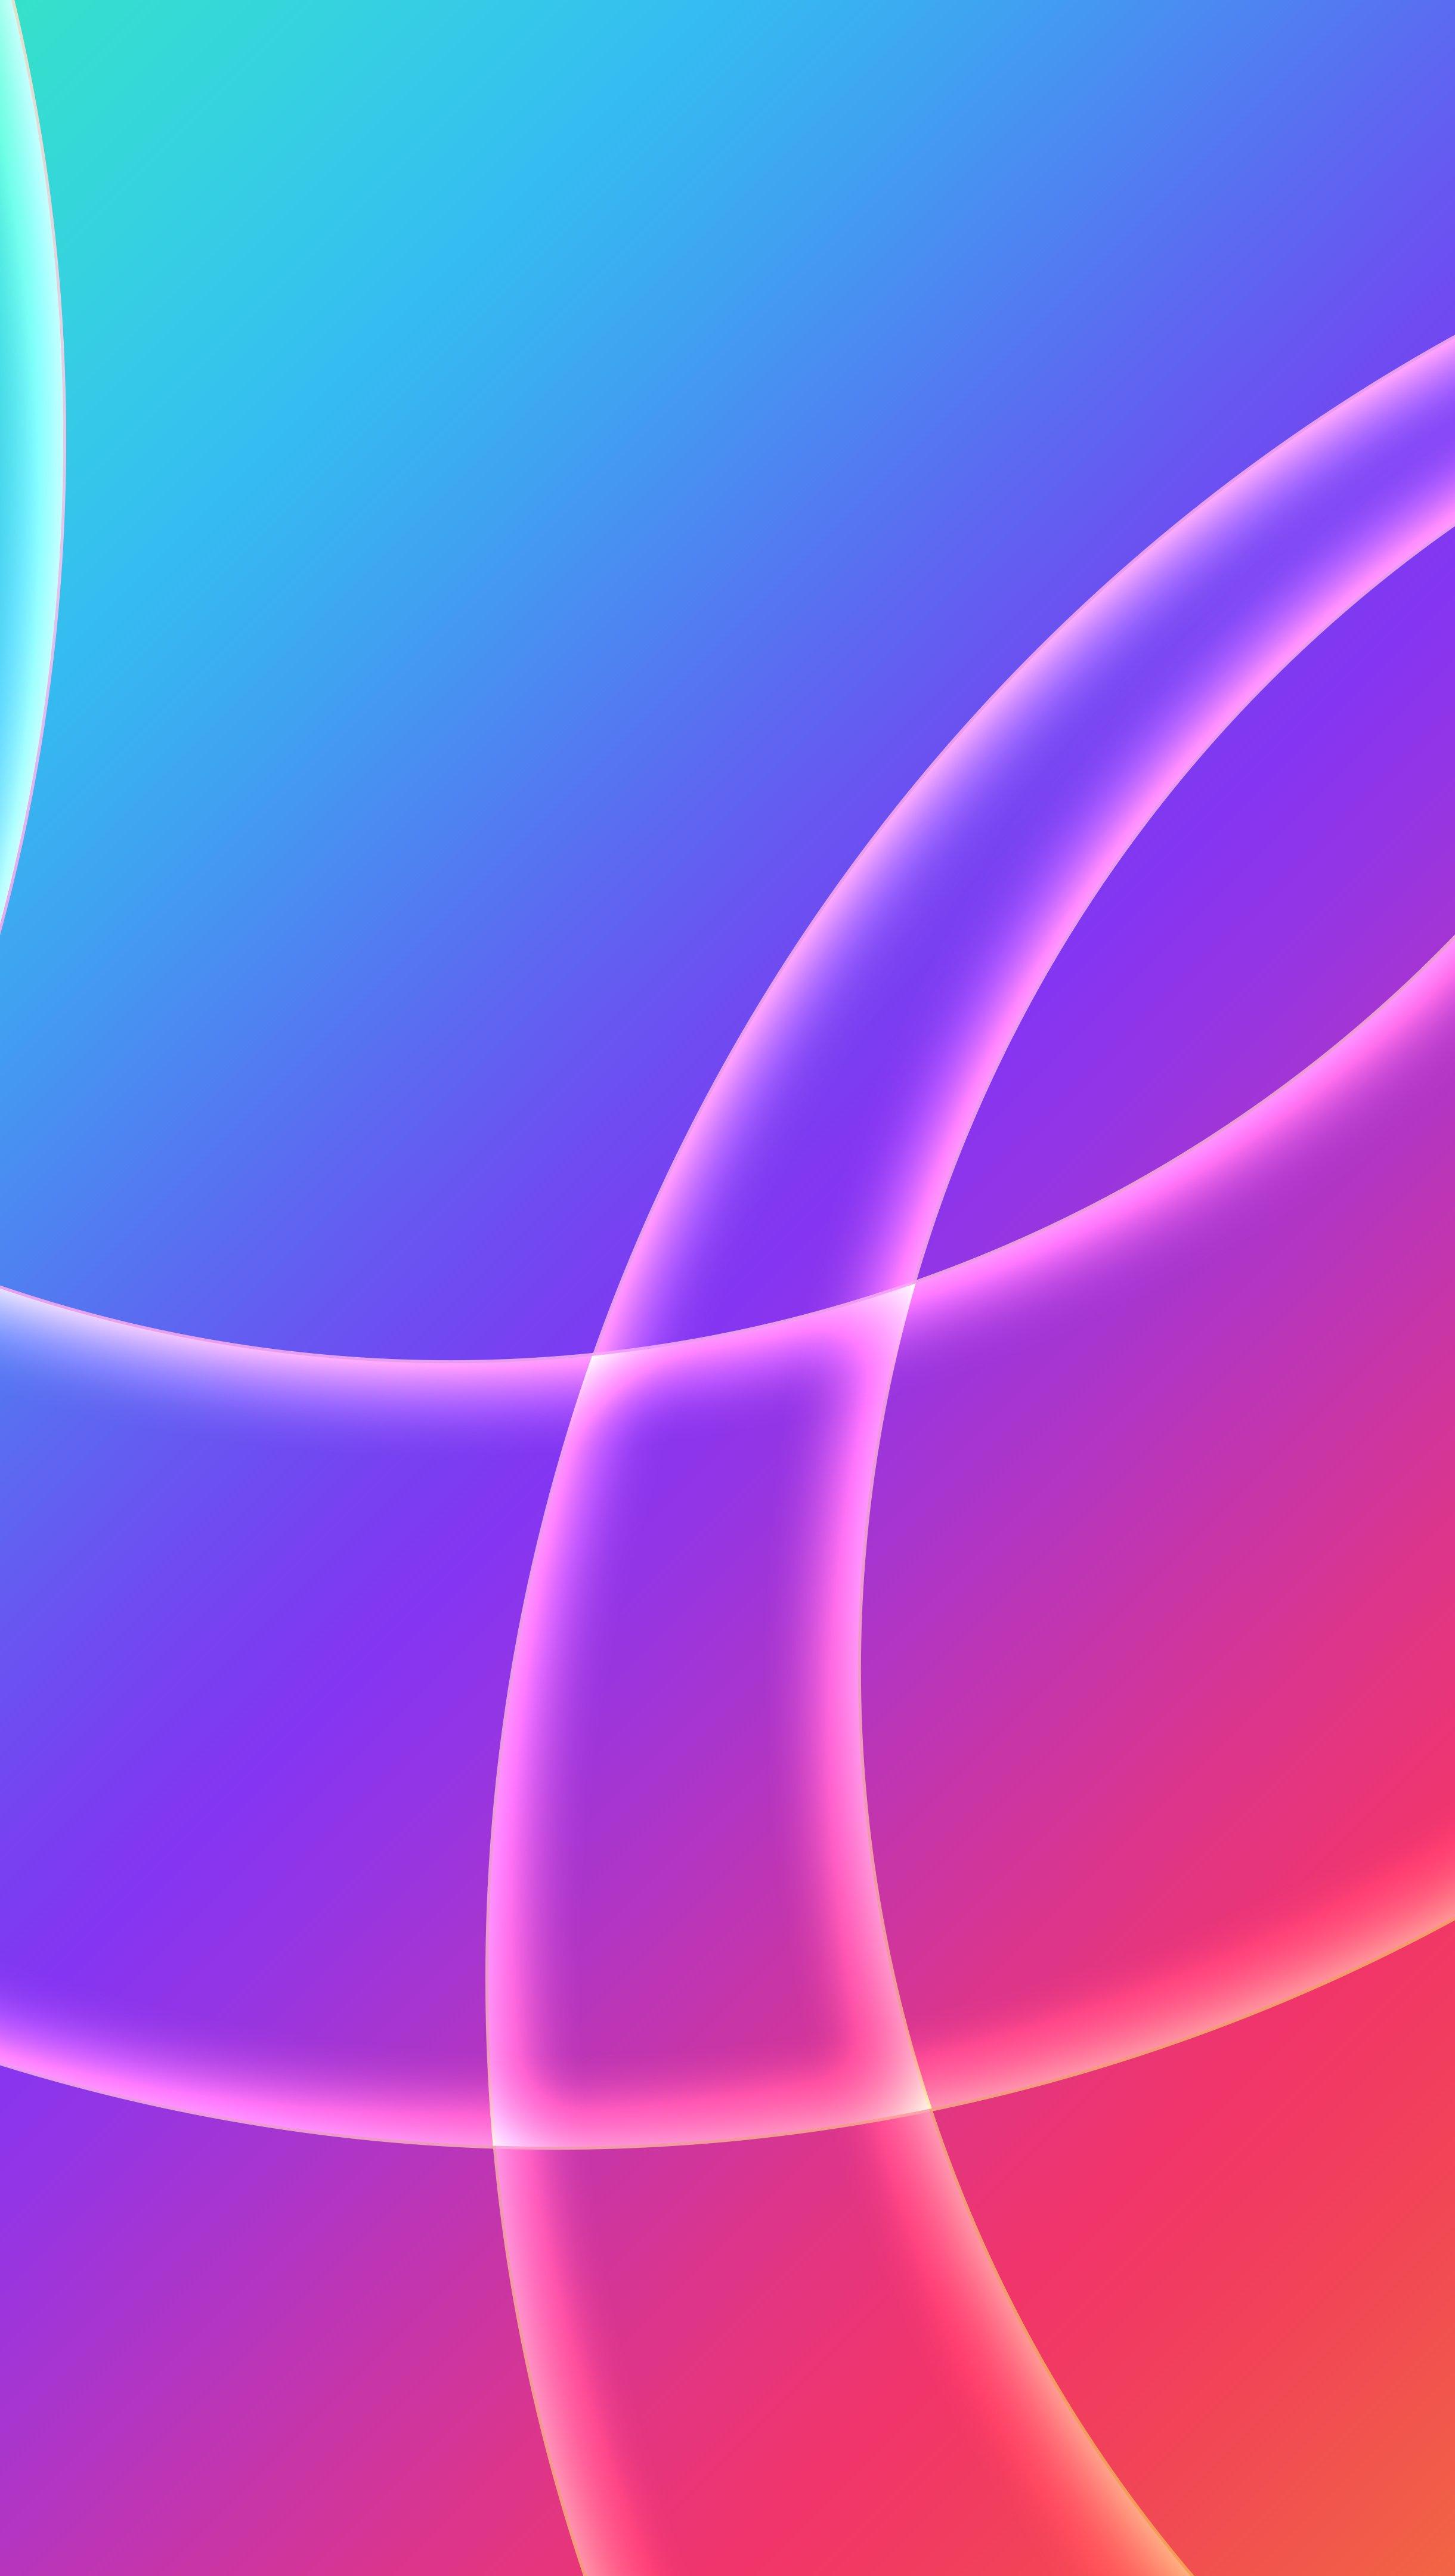 Wallpaper Circles between fading colors Vertical